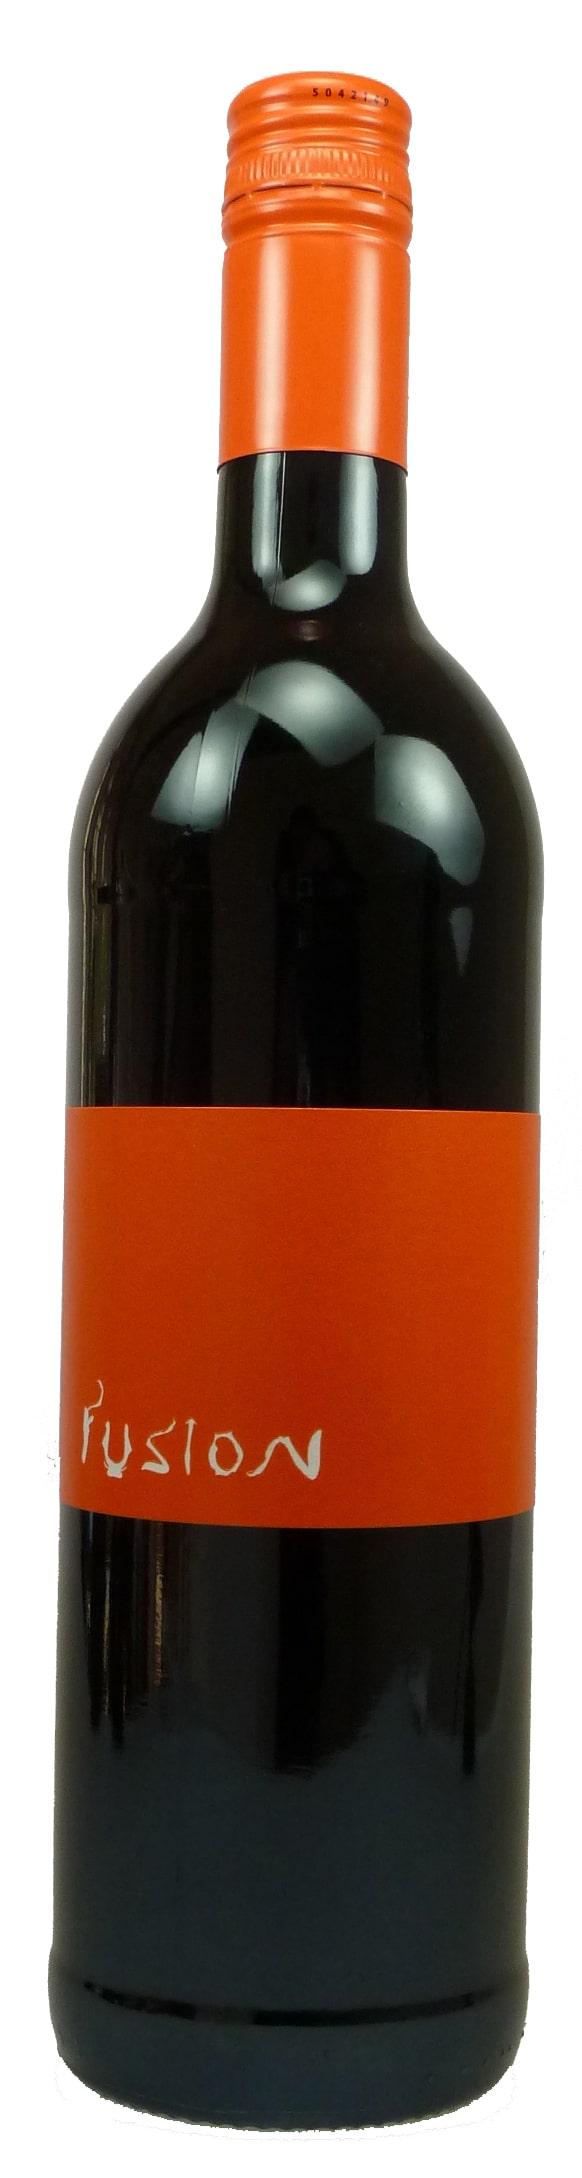 Fusion Rot Qualitätswein trocken 2016